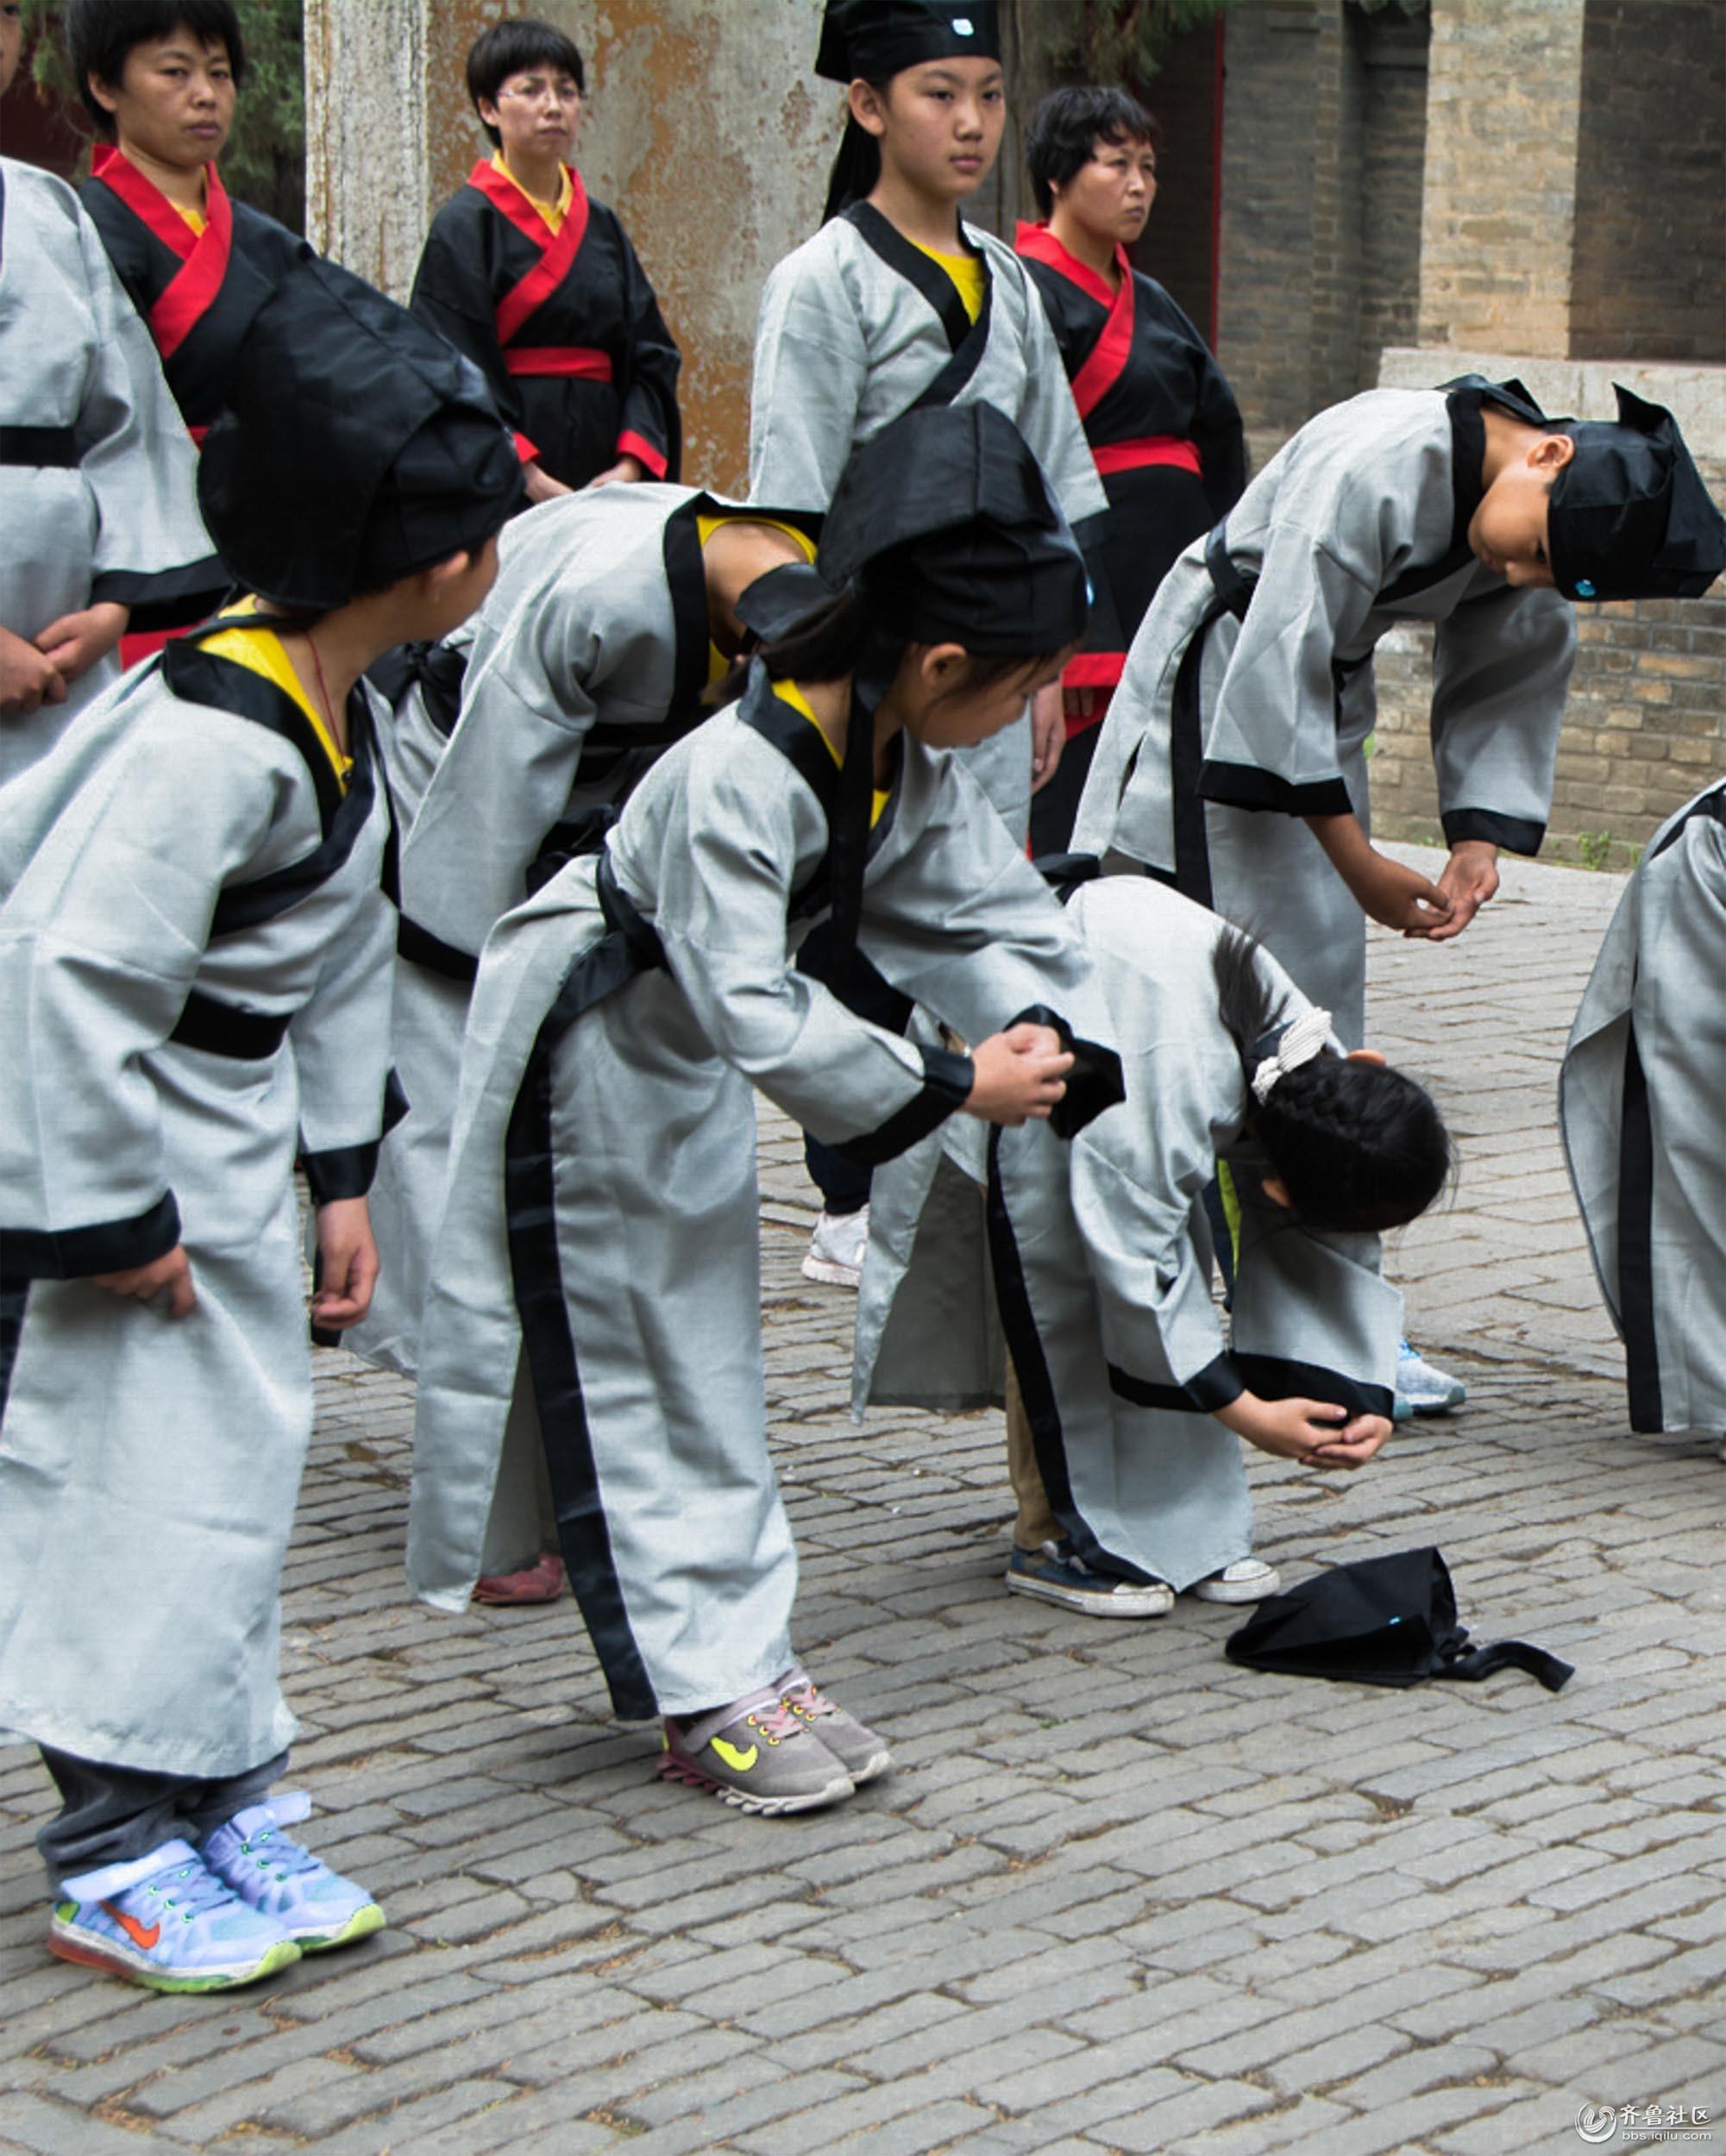 4、习礼,新生们学习抱拳鞠躬。